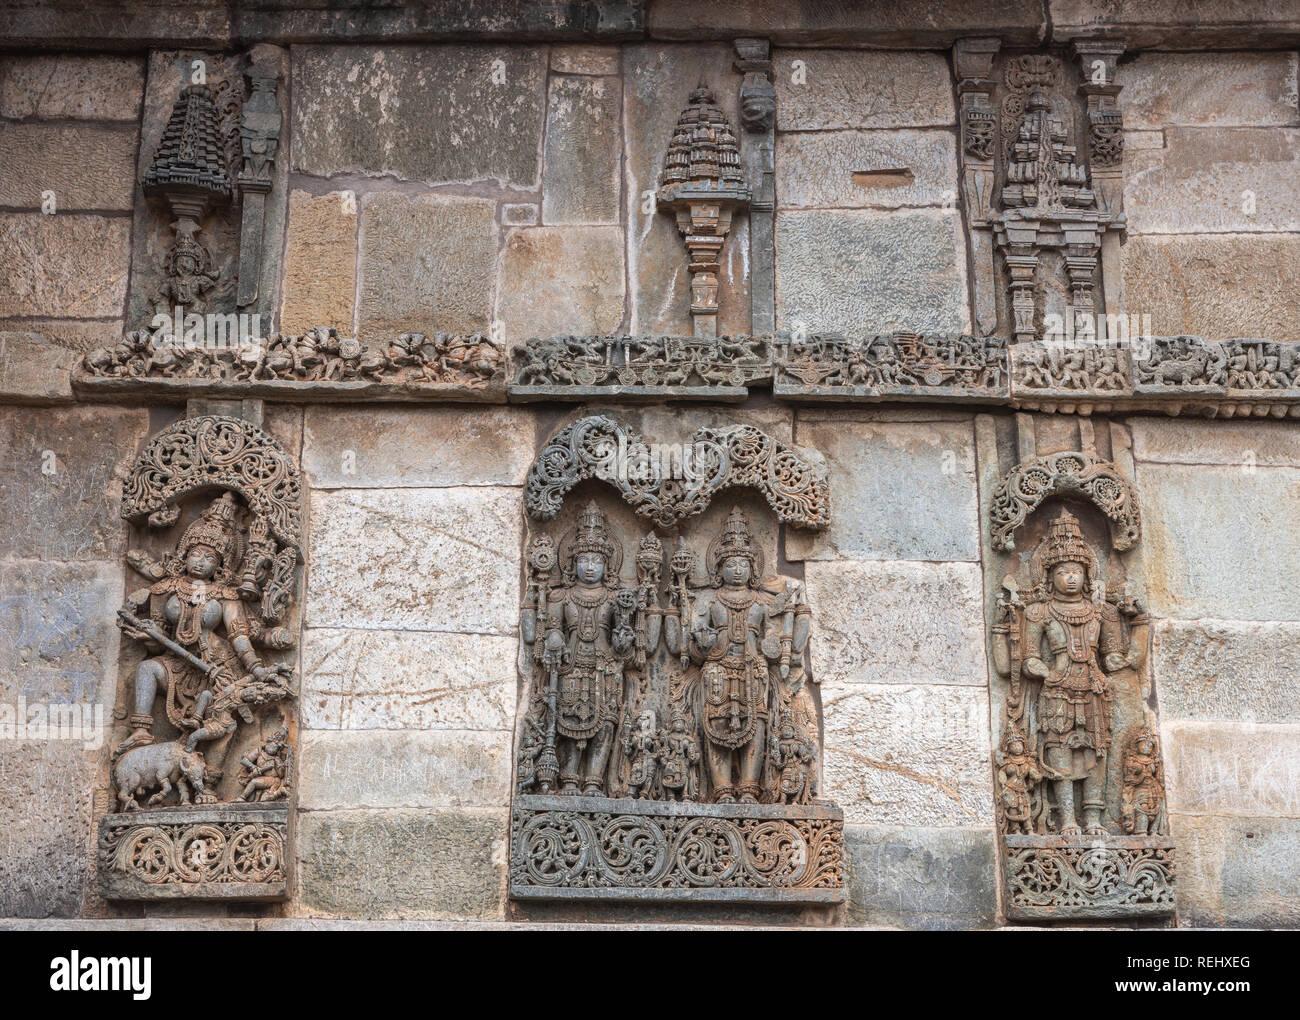 Belur, Karnataka, Indien - November 2, 2013: Chennakeshava Tempel. Große Braune Wand Stein Seitenwand Skulptur von Lord Vishnu surrouned durch seine Frauen. Stockbild